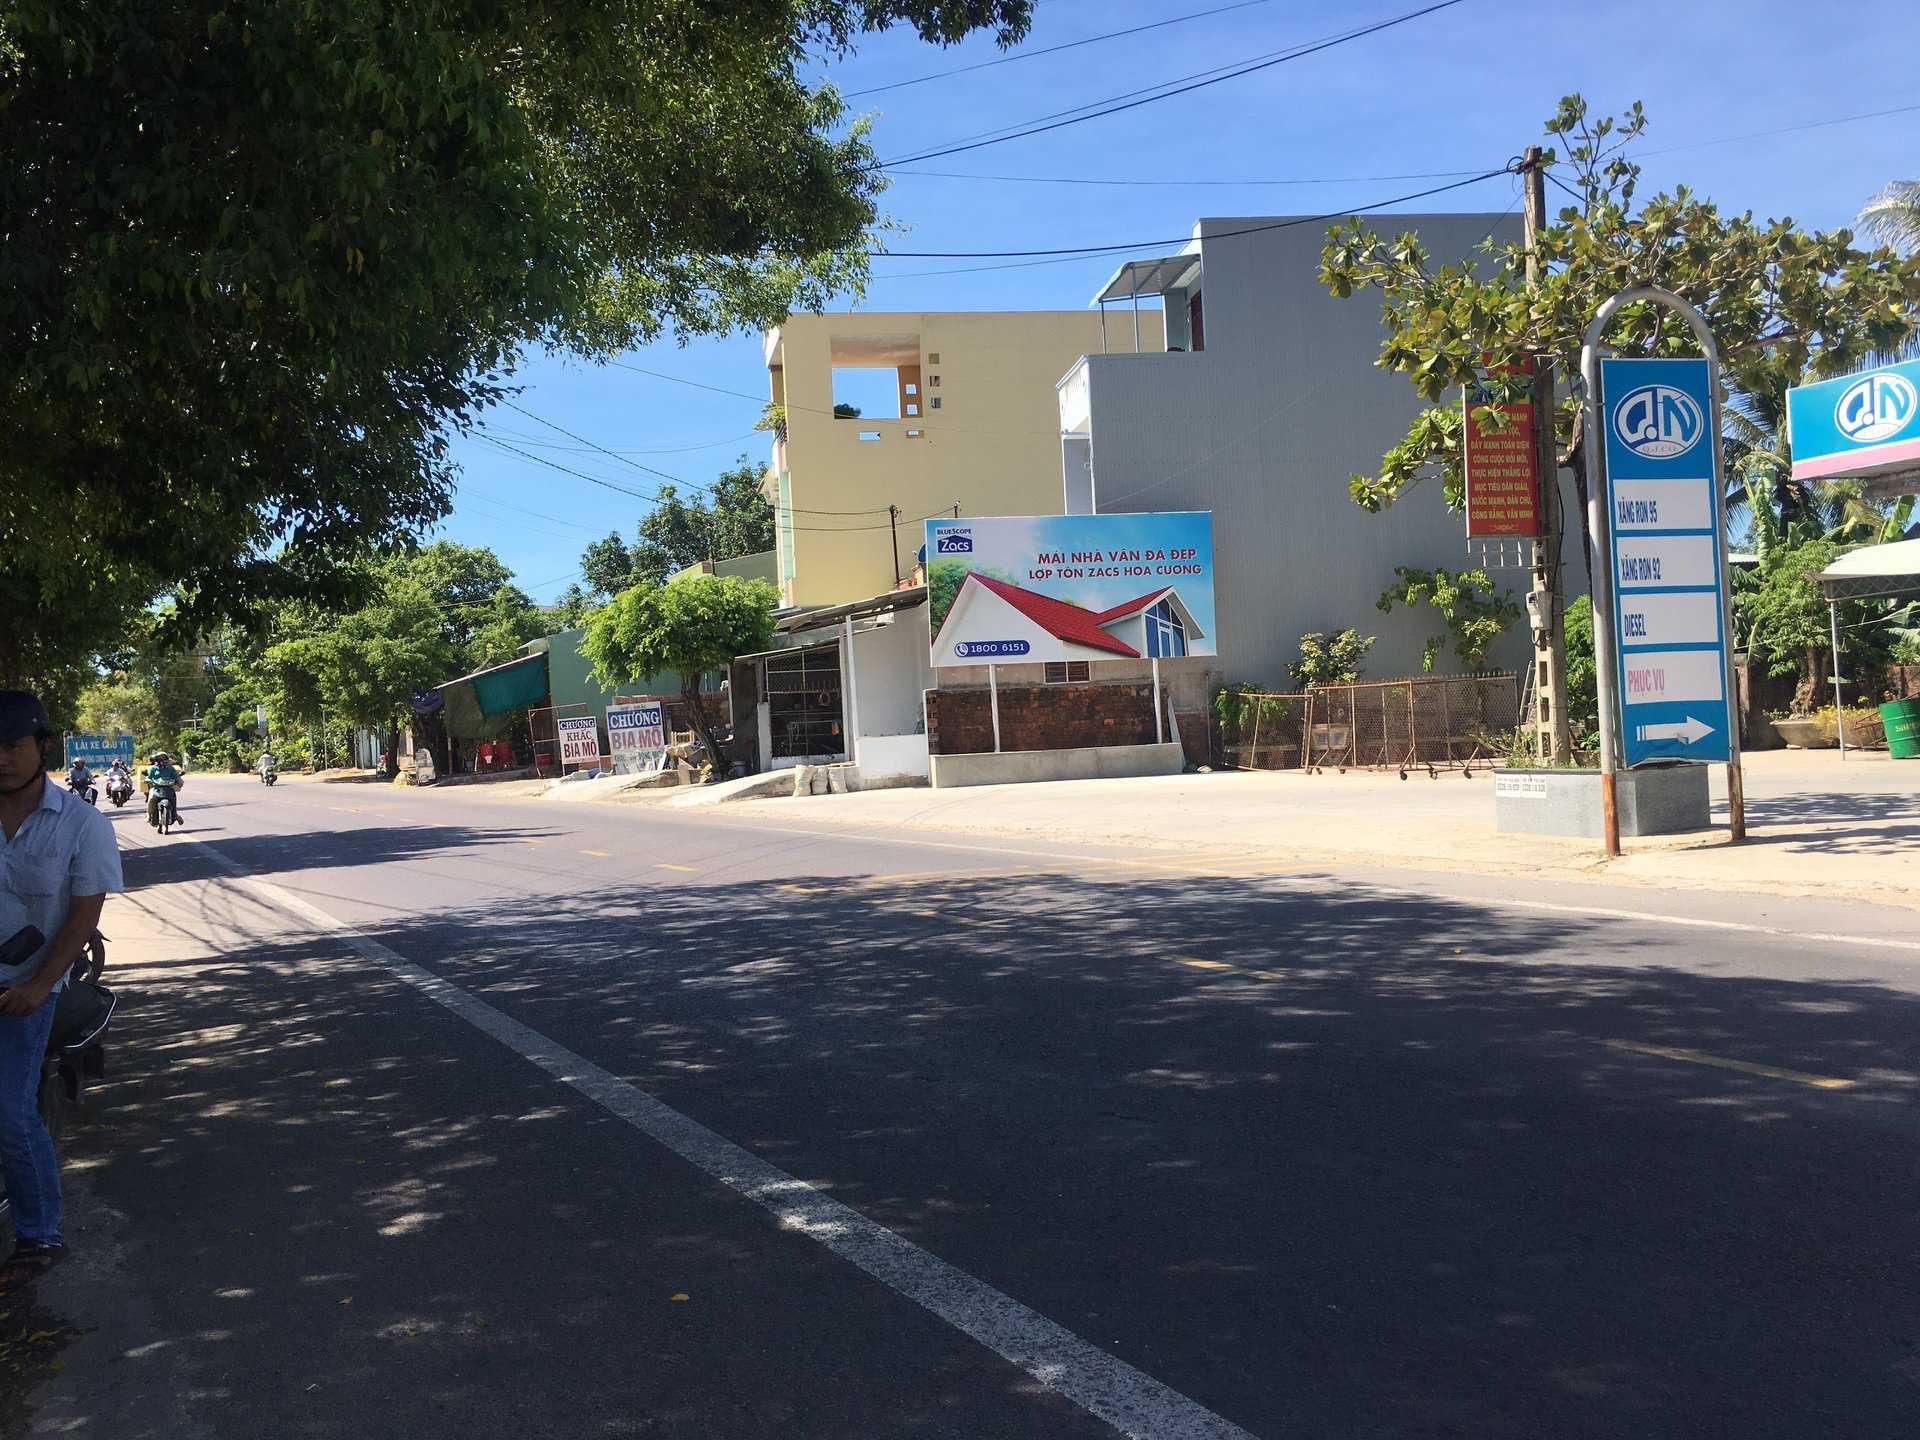 Quảng cáo CHXD Trường Úc, phường Nhơn Phú, Tp. Quy Nhơn, Bình Định - 1 biển trụ nhỏ